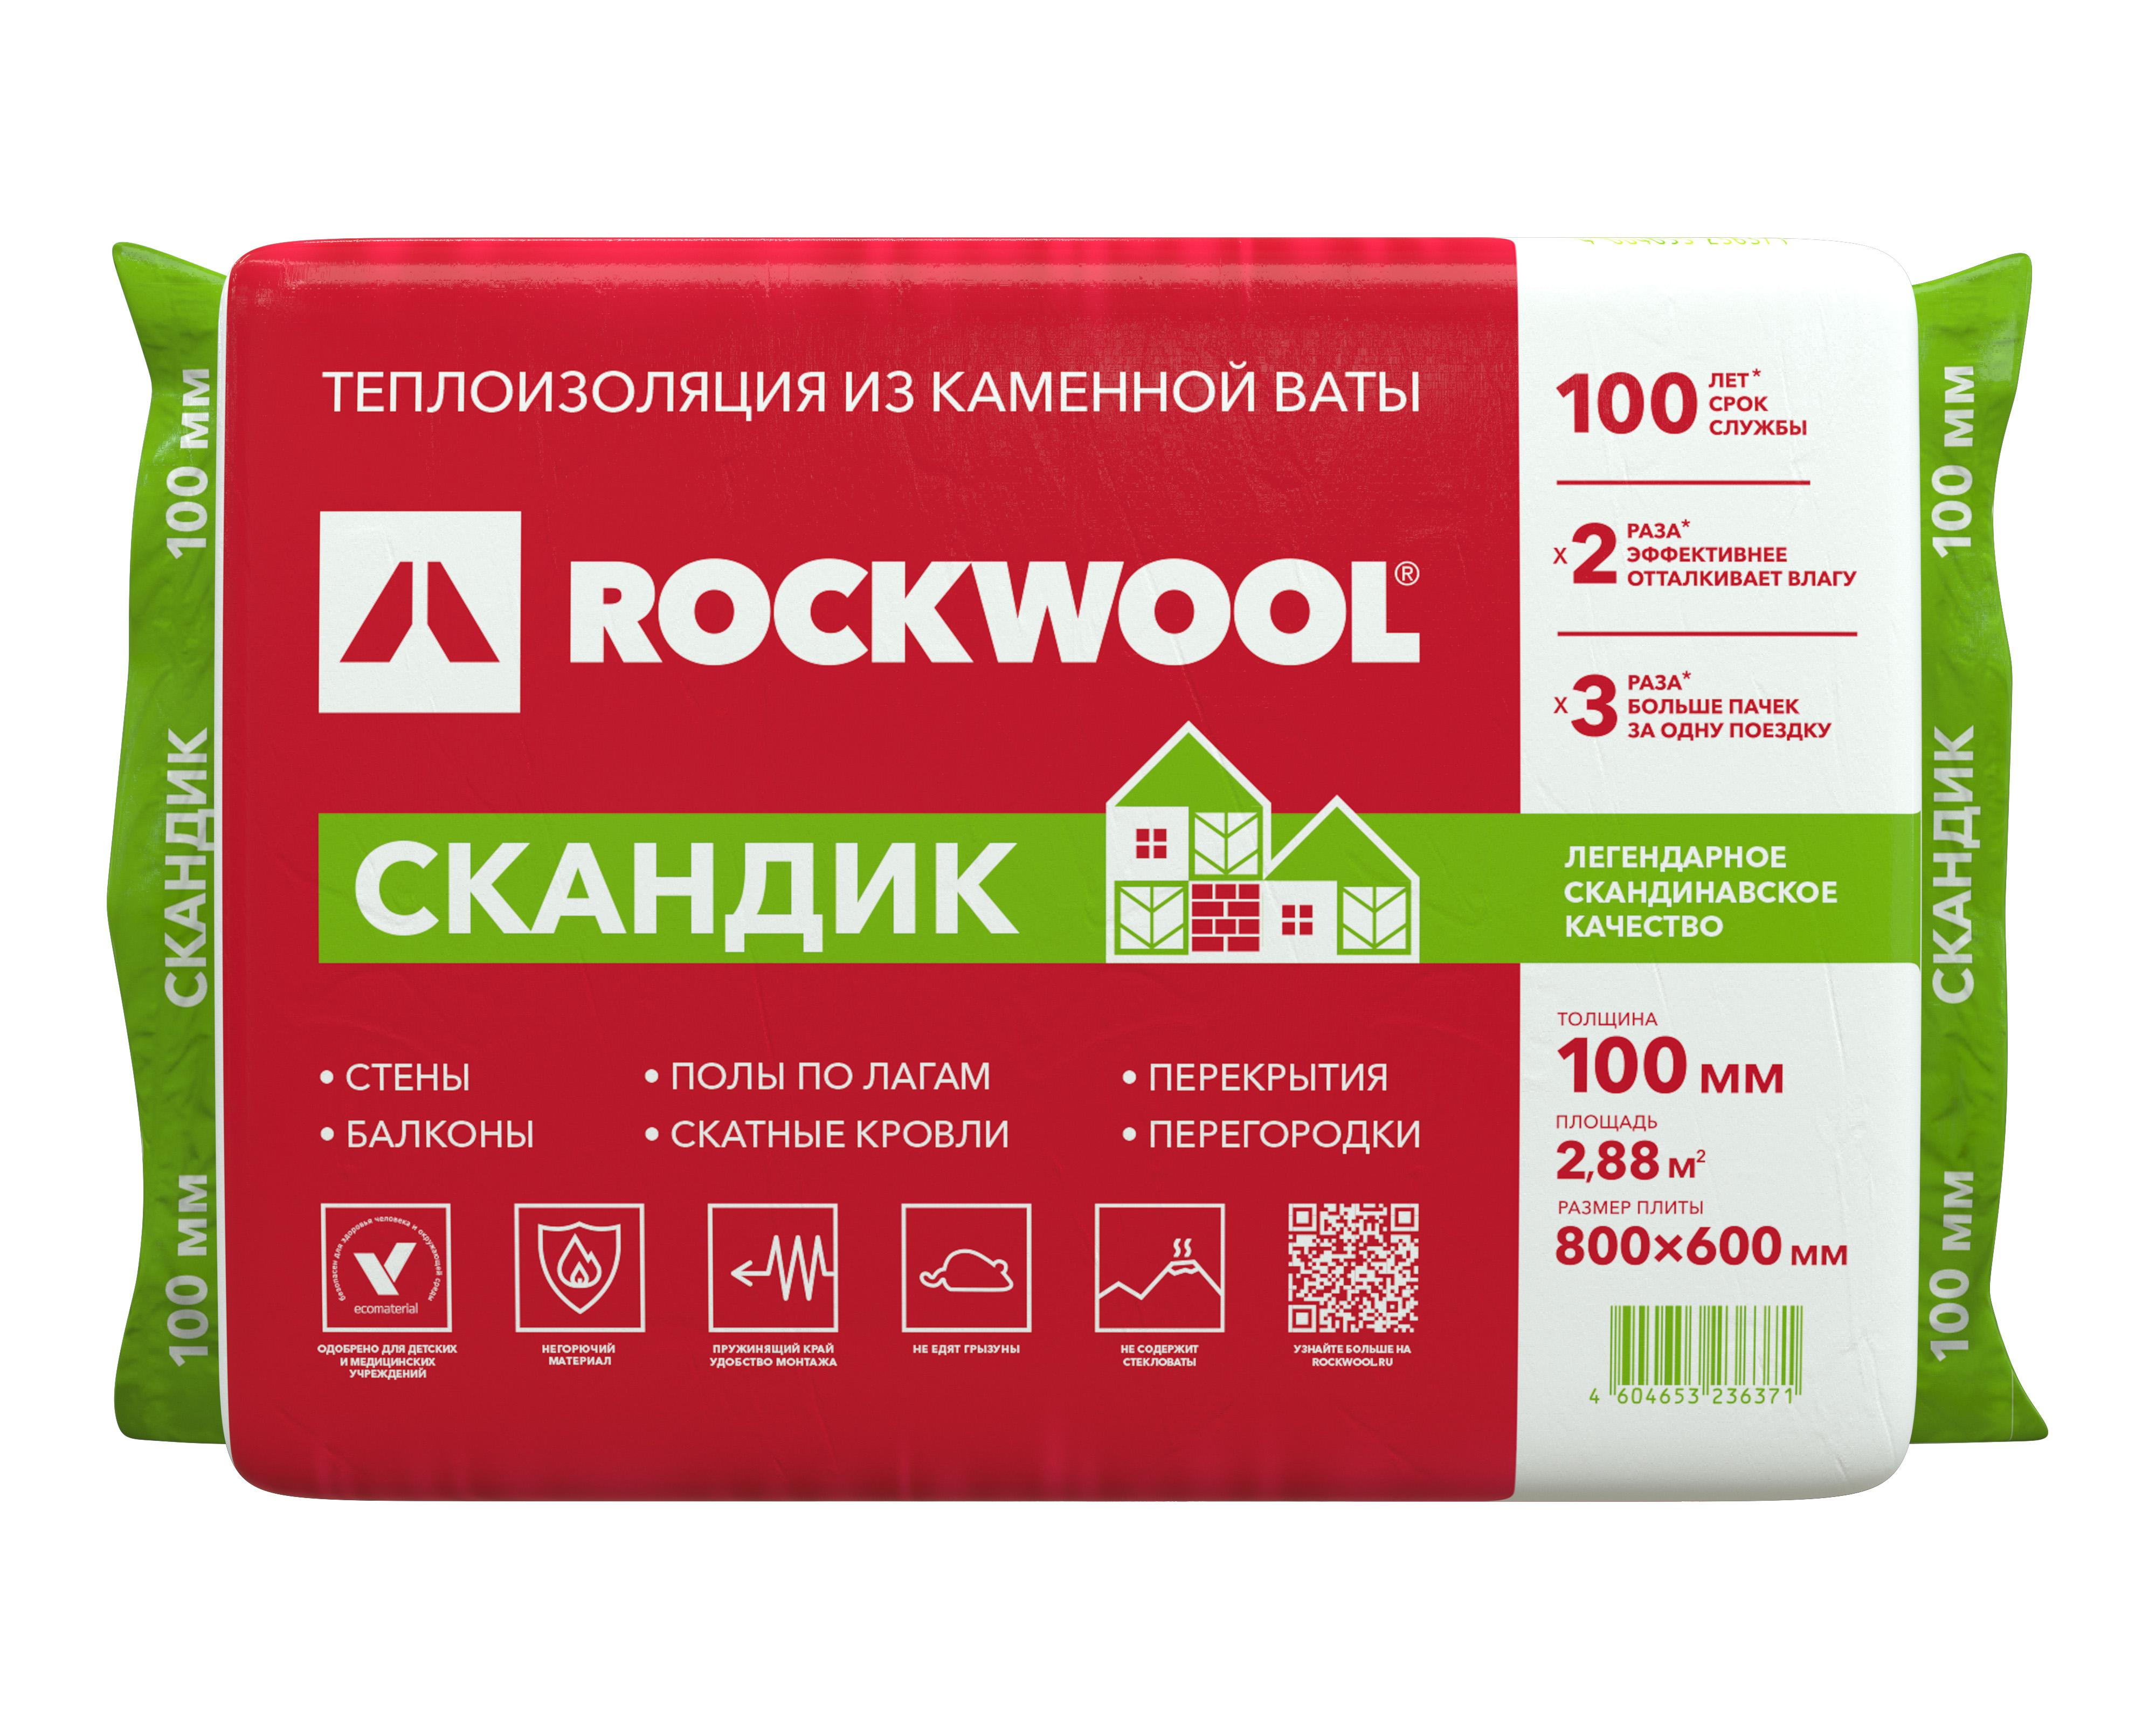 Лайт баттс скандик rockwool - удобный материал для утепления